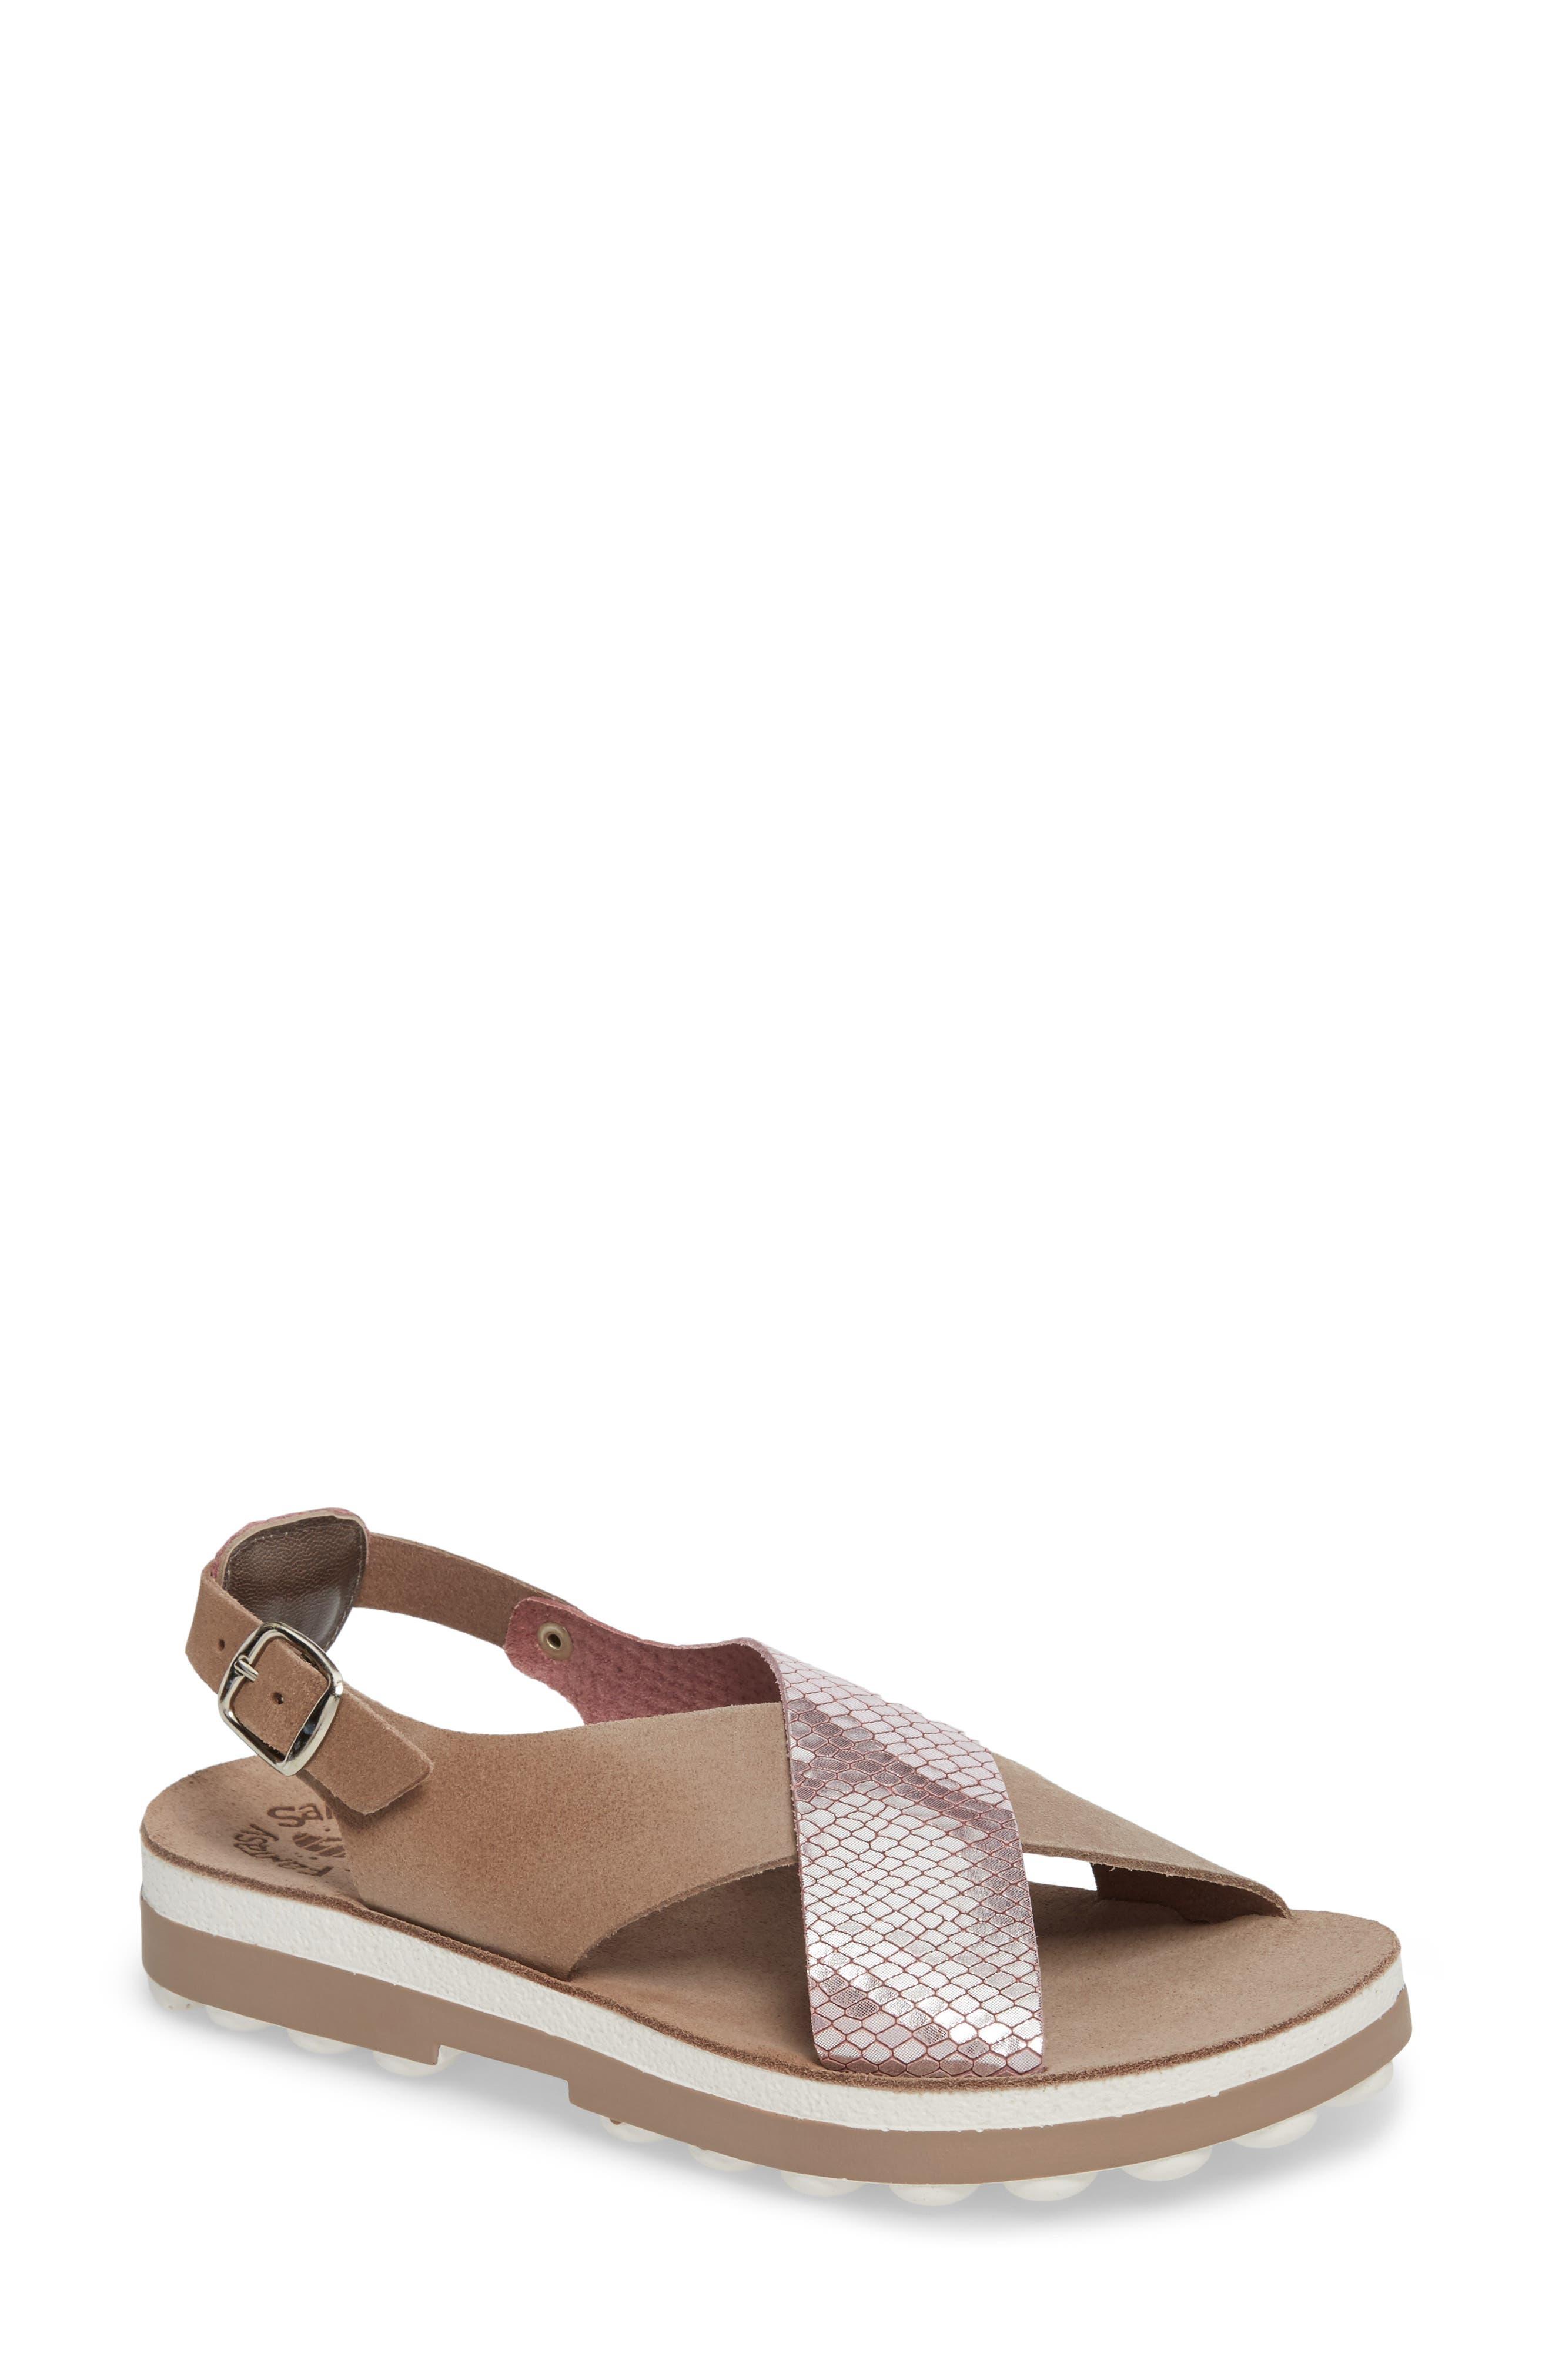 Izabella Fantasy Platform Sandal,                         Main,                         color, Coffee Snake Leather